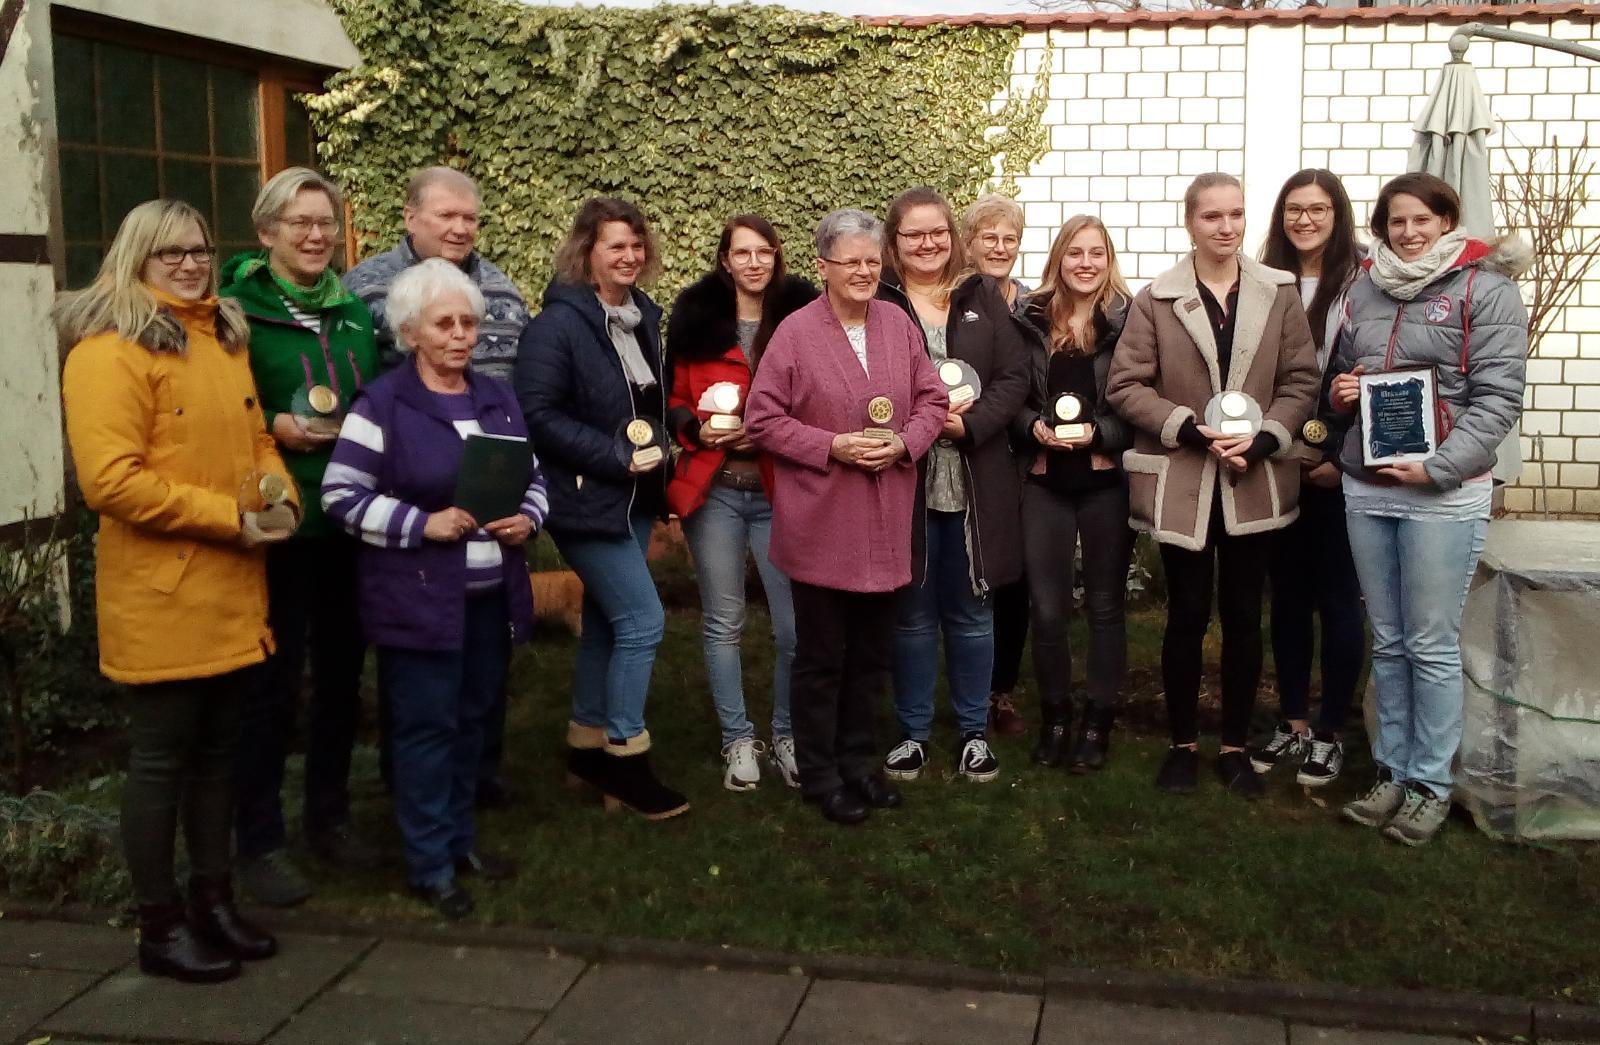 50 Jahre Hundesportverein Holzwickede Svenja Raupach im Bereich Vierkampf Jugend Markus Niemeier (nicht im Bild) im Bereich Geländelauf